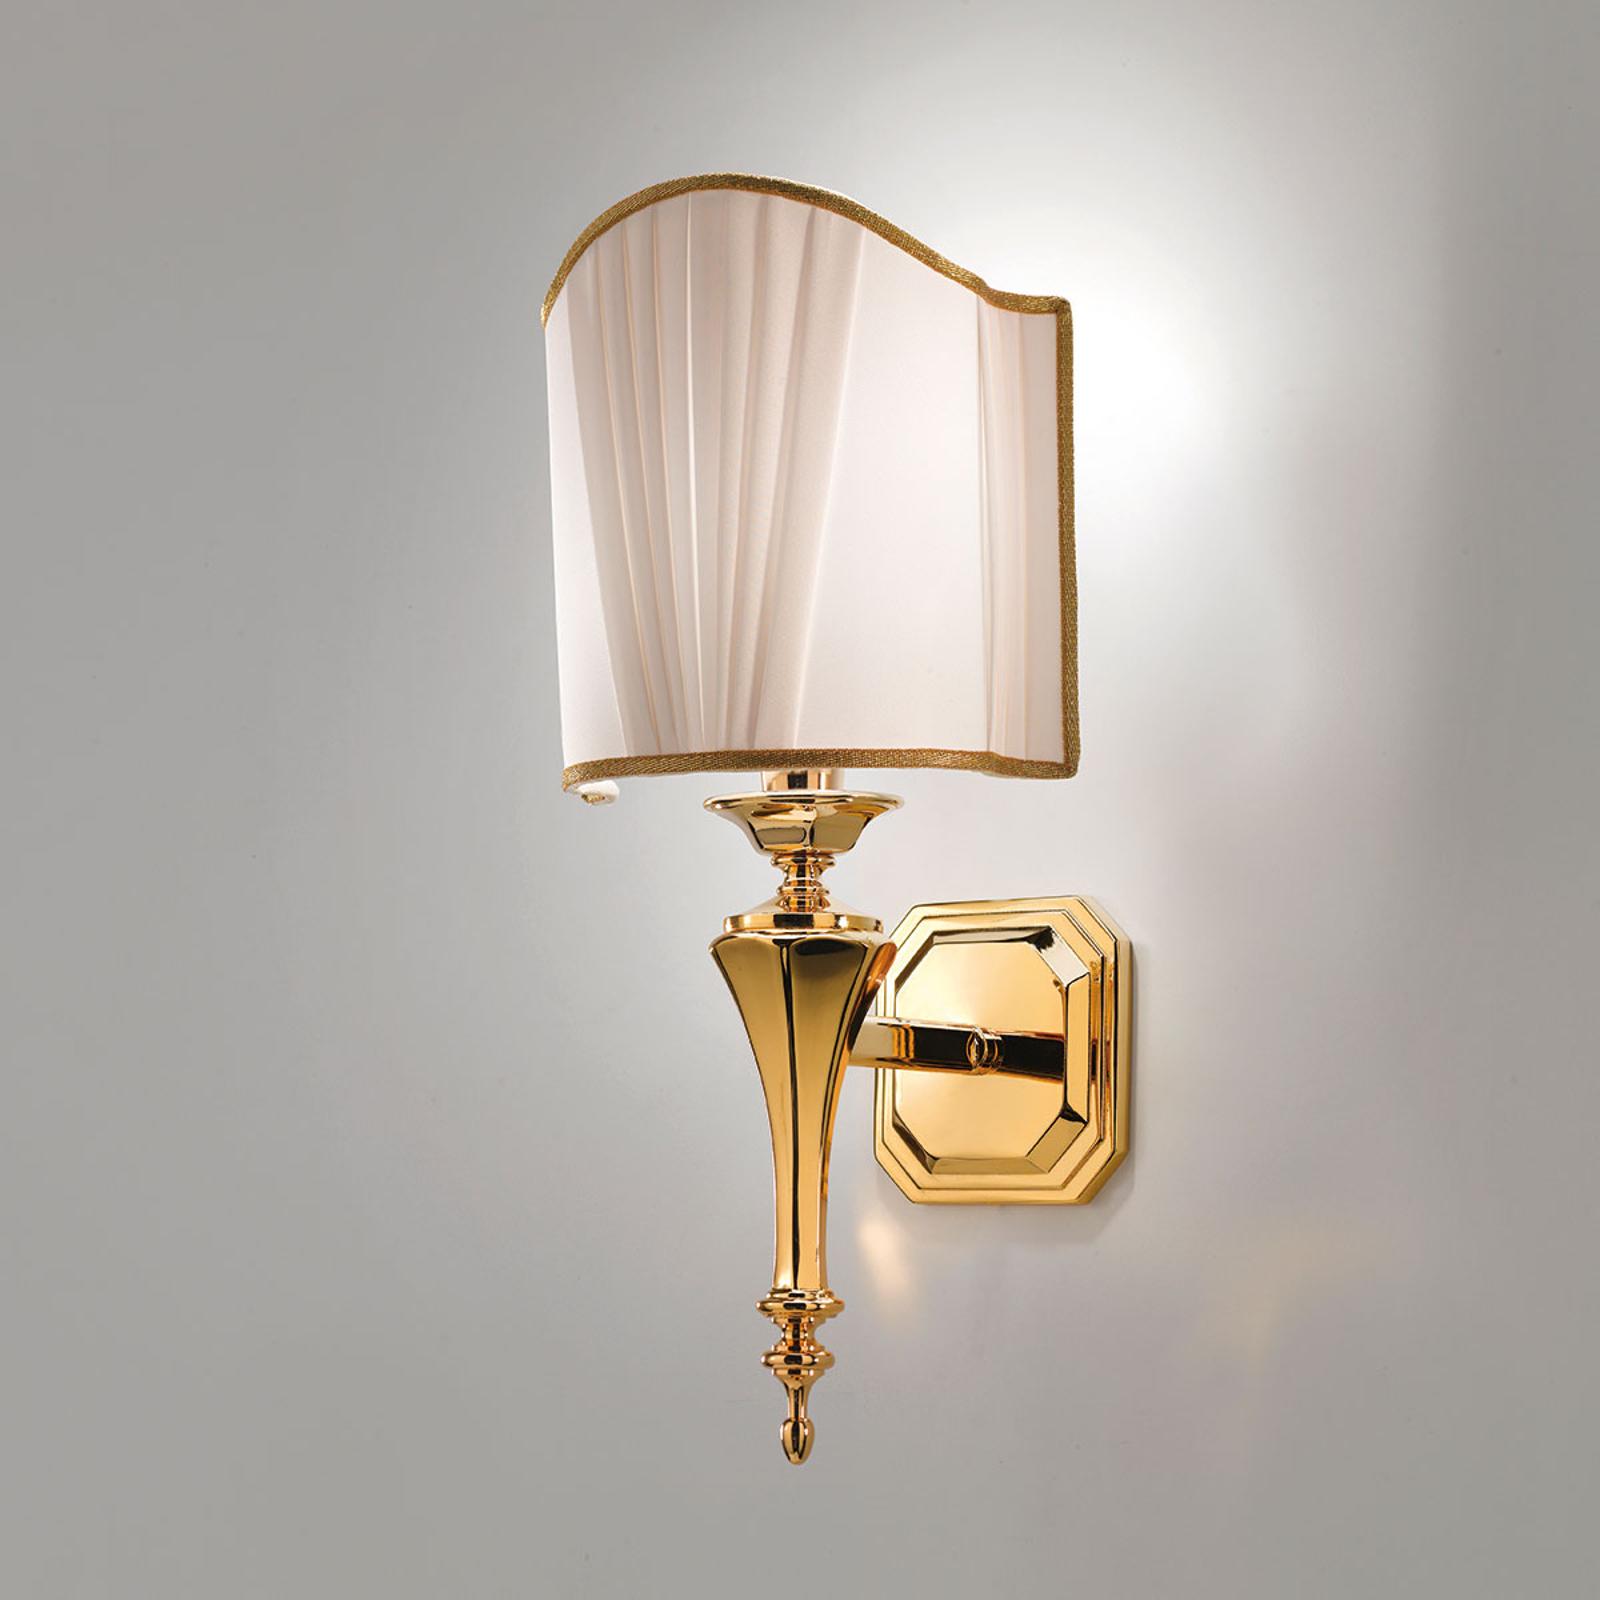 Belle Epoque - ušlechtilé nástěnné světlo ve zlaté